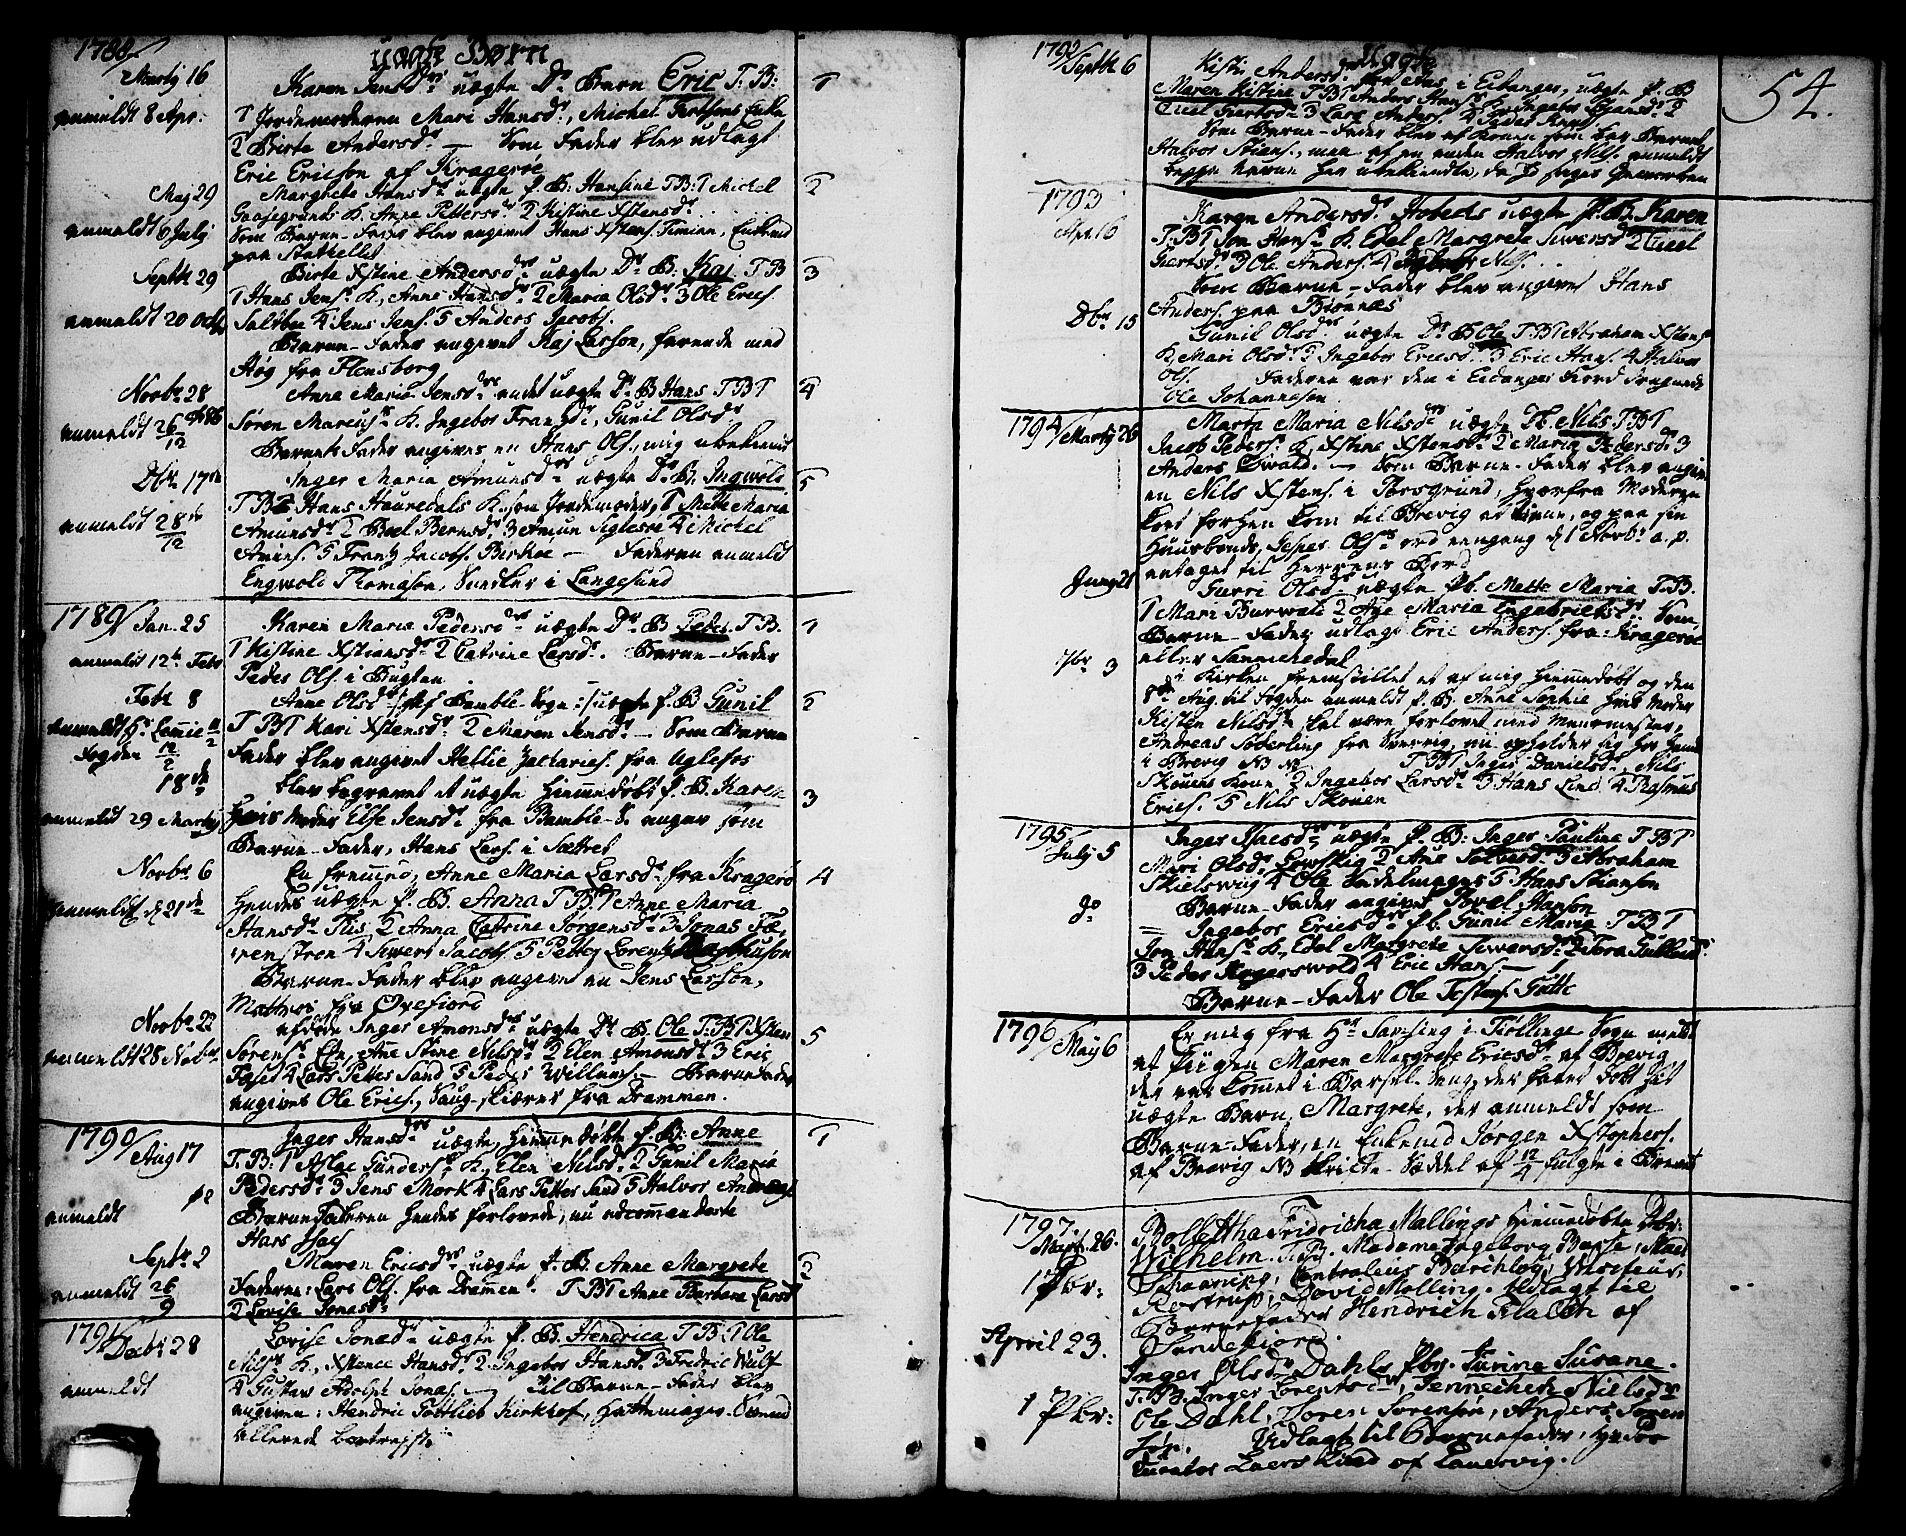 SAKO, Brevik kirkebøker, F/Fa/L0003: Ministerialbok nr. 3, 1764-1814, s. 54